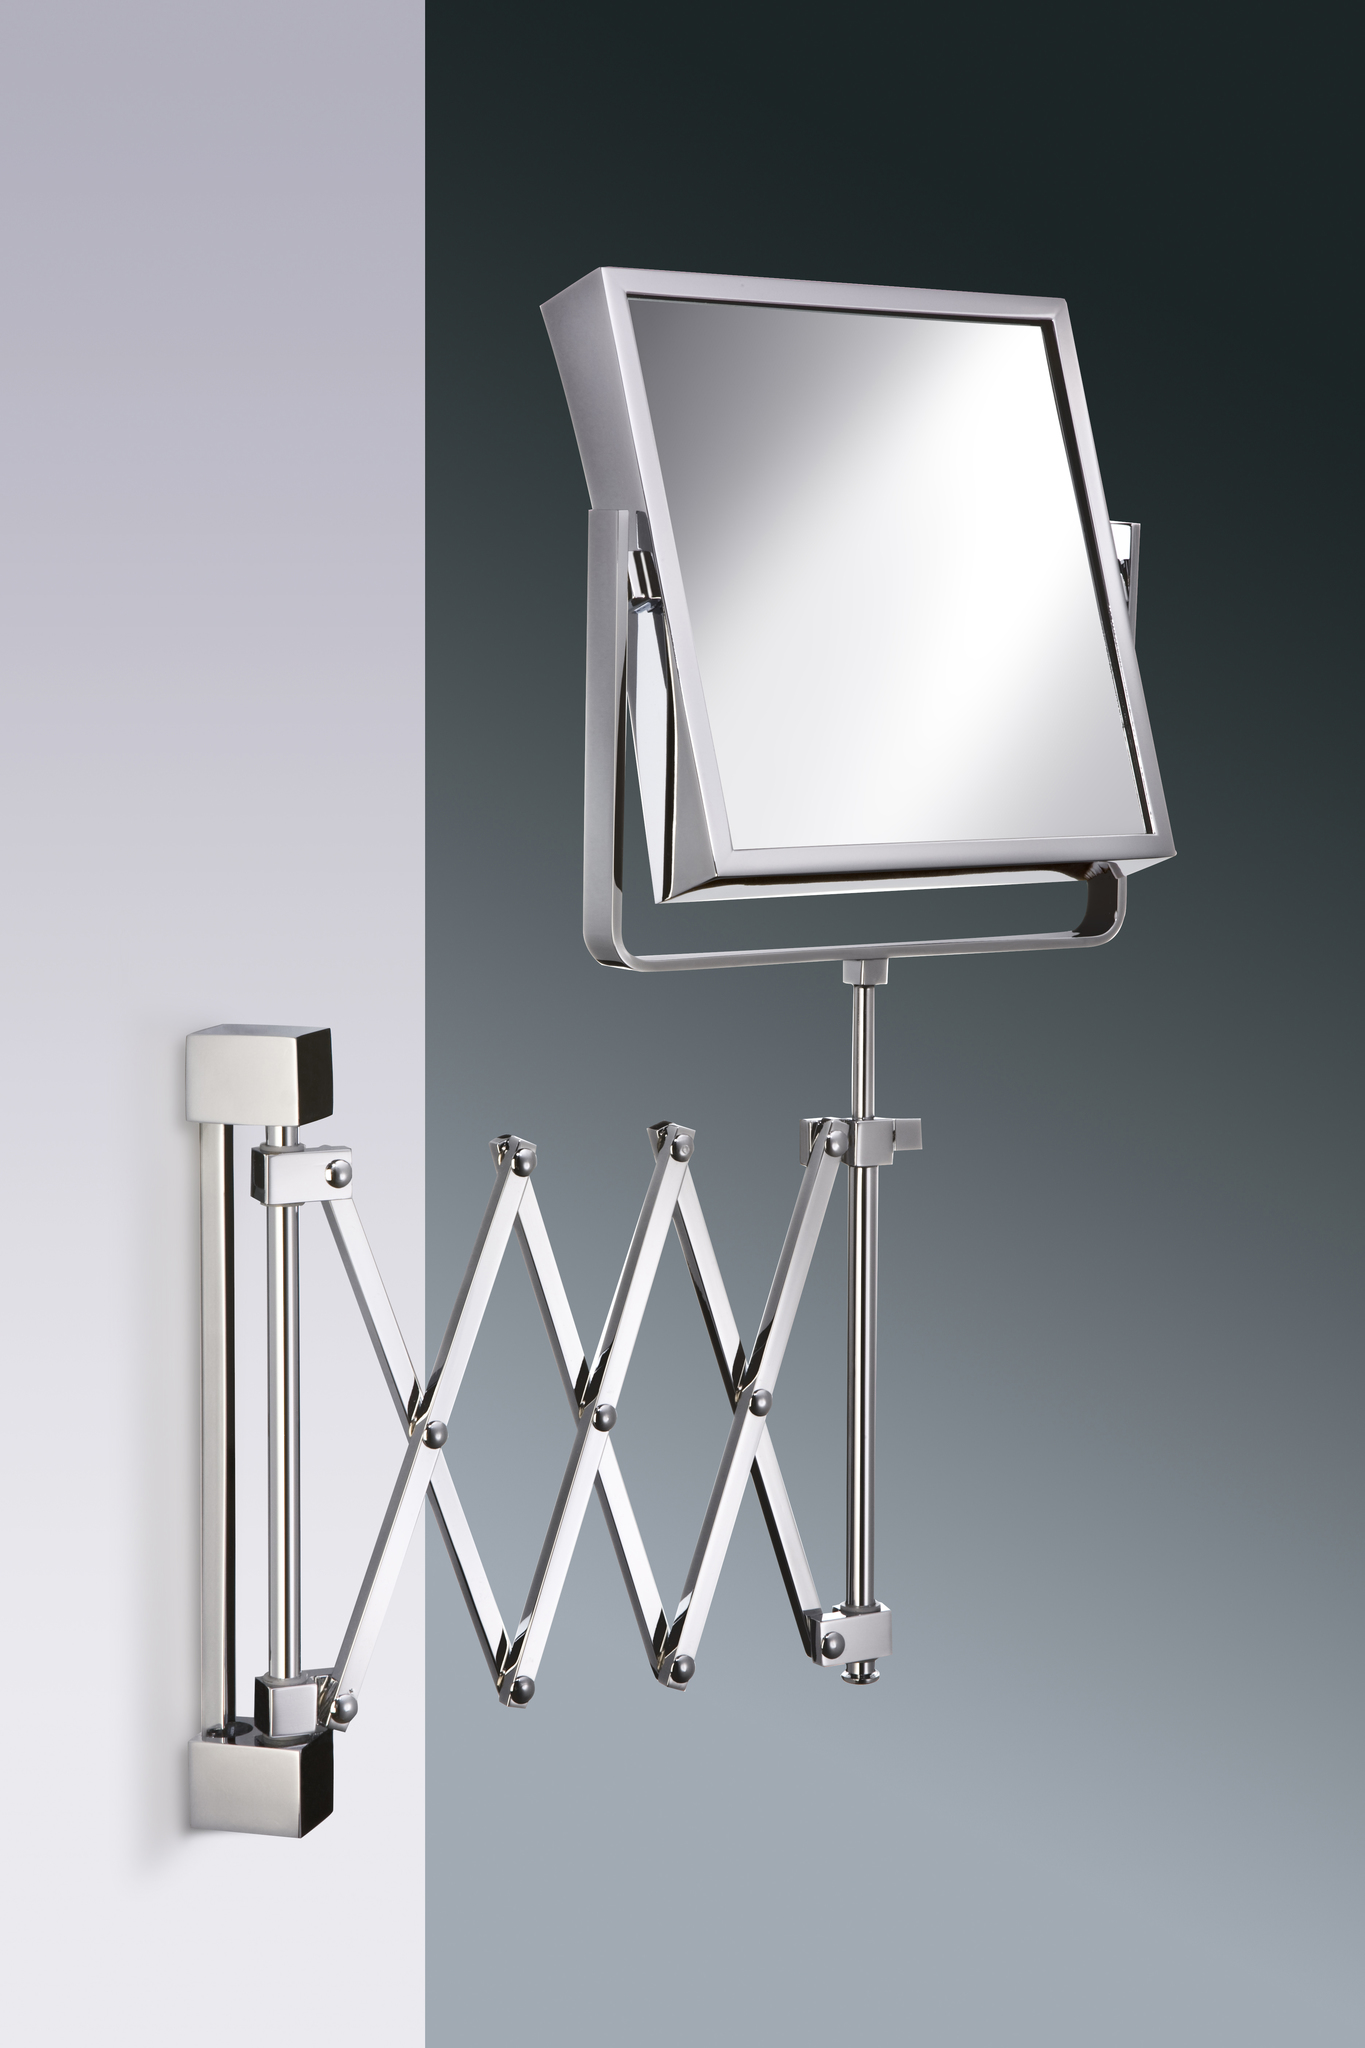 Зеркала Зеркало косметическое Windisch 99348CR 5X elitnoe-zerkalo-kosmeticheskoe-99348-ot-windisch-ispaniya.jpg